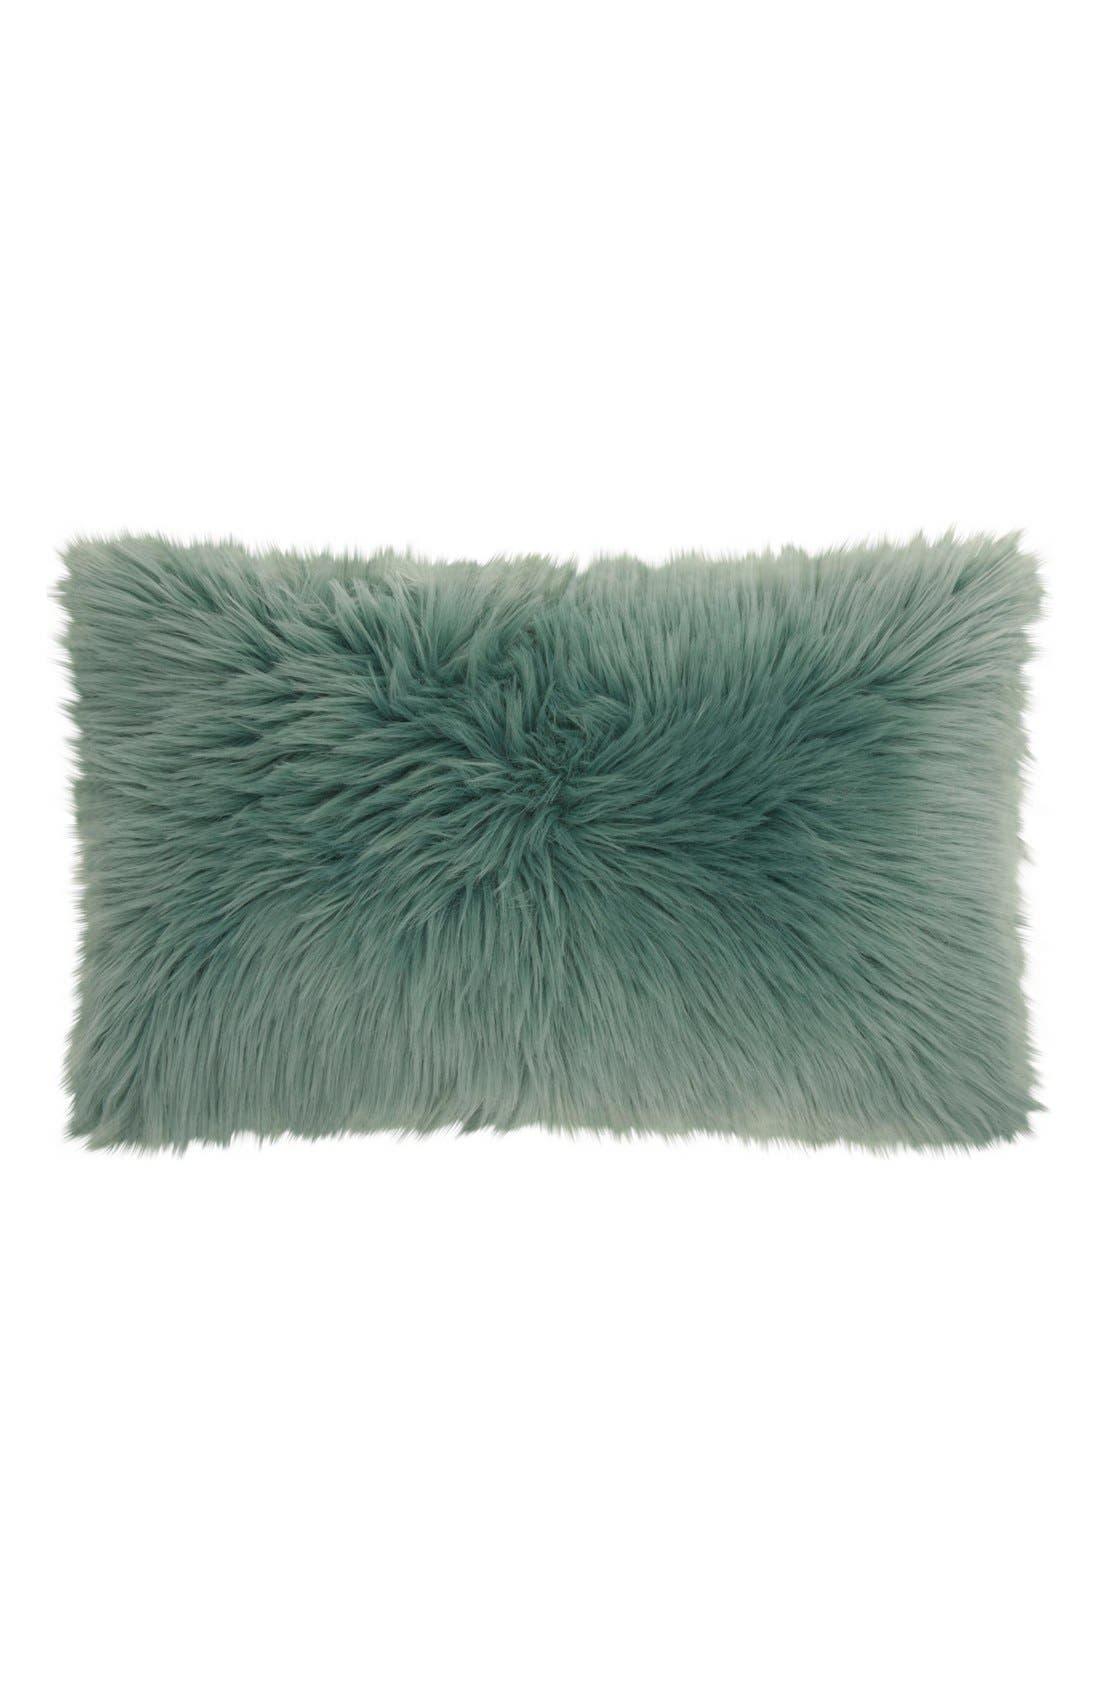 Mina Victory 'Sumptuous' Faux Fur Accent Pillow